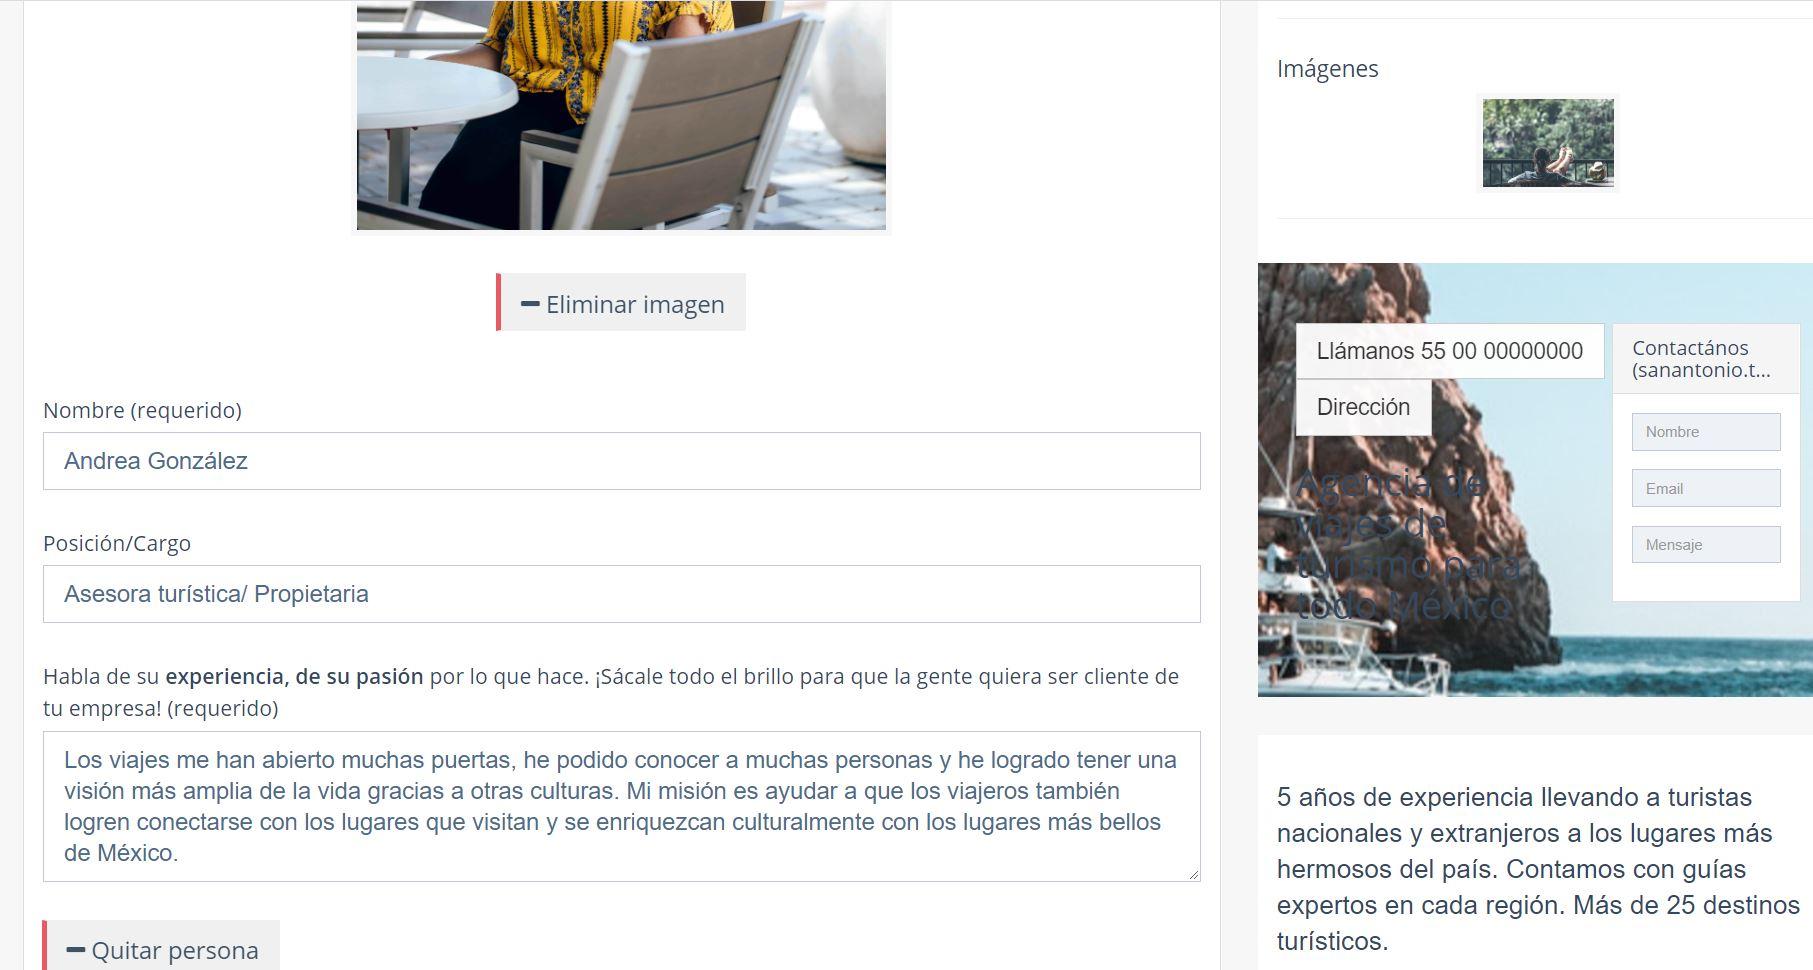 Crear página web para turismo. Biografía Porpietaria